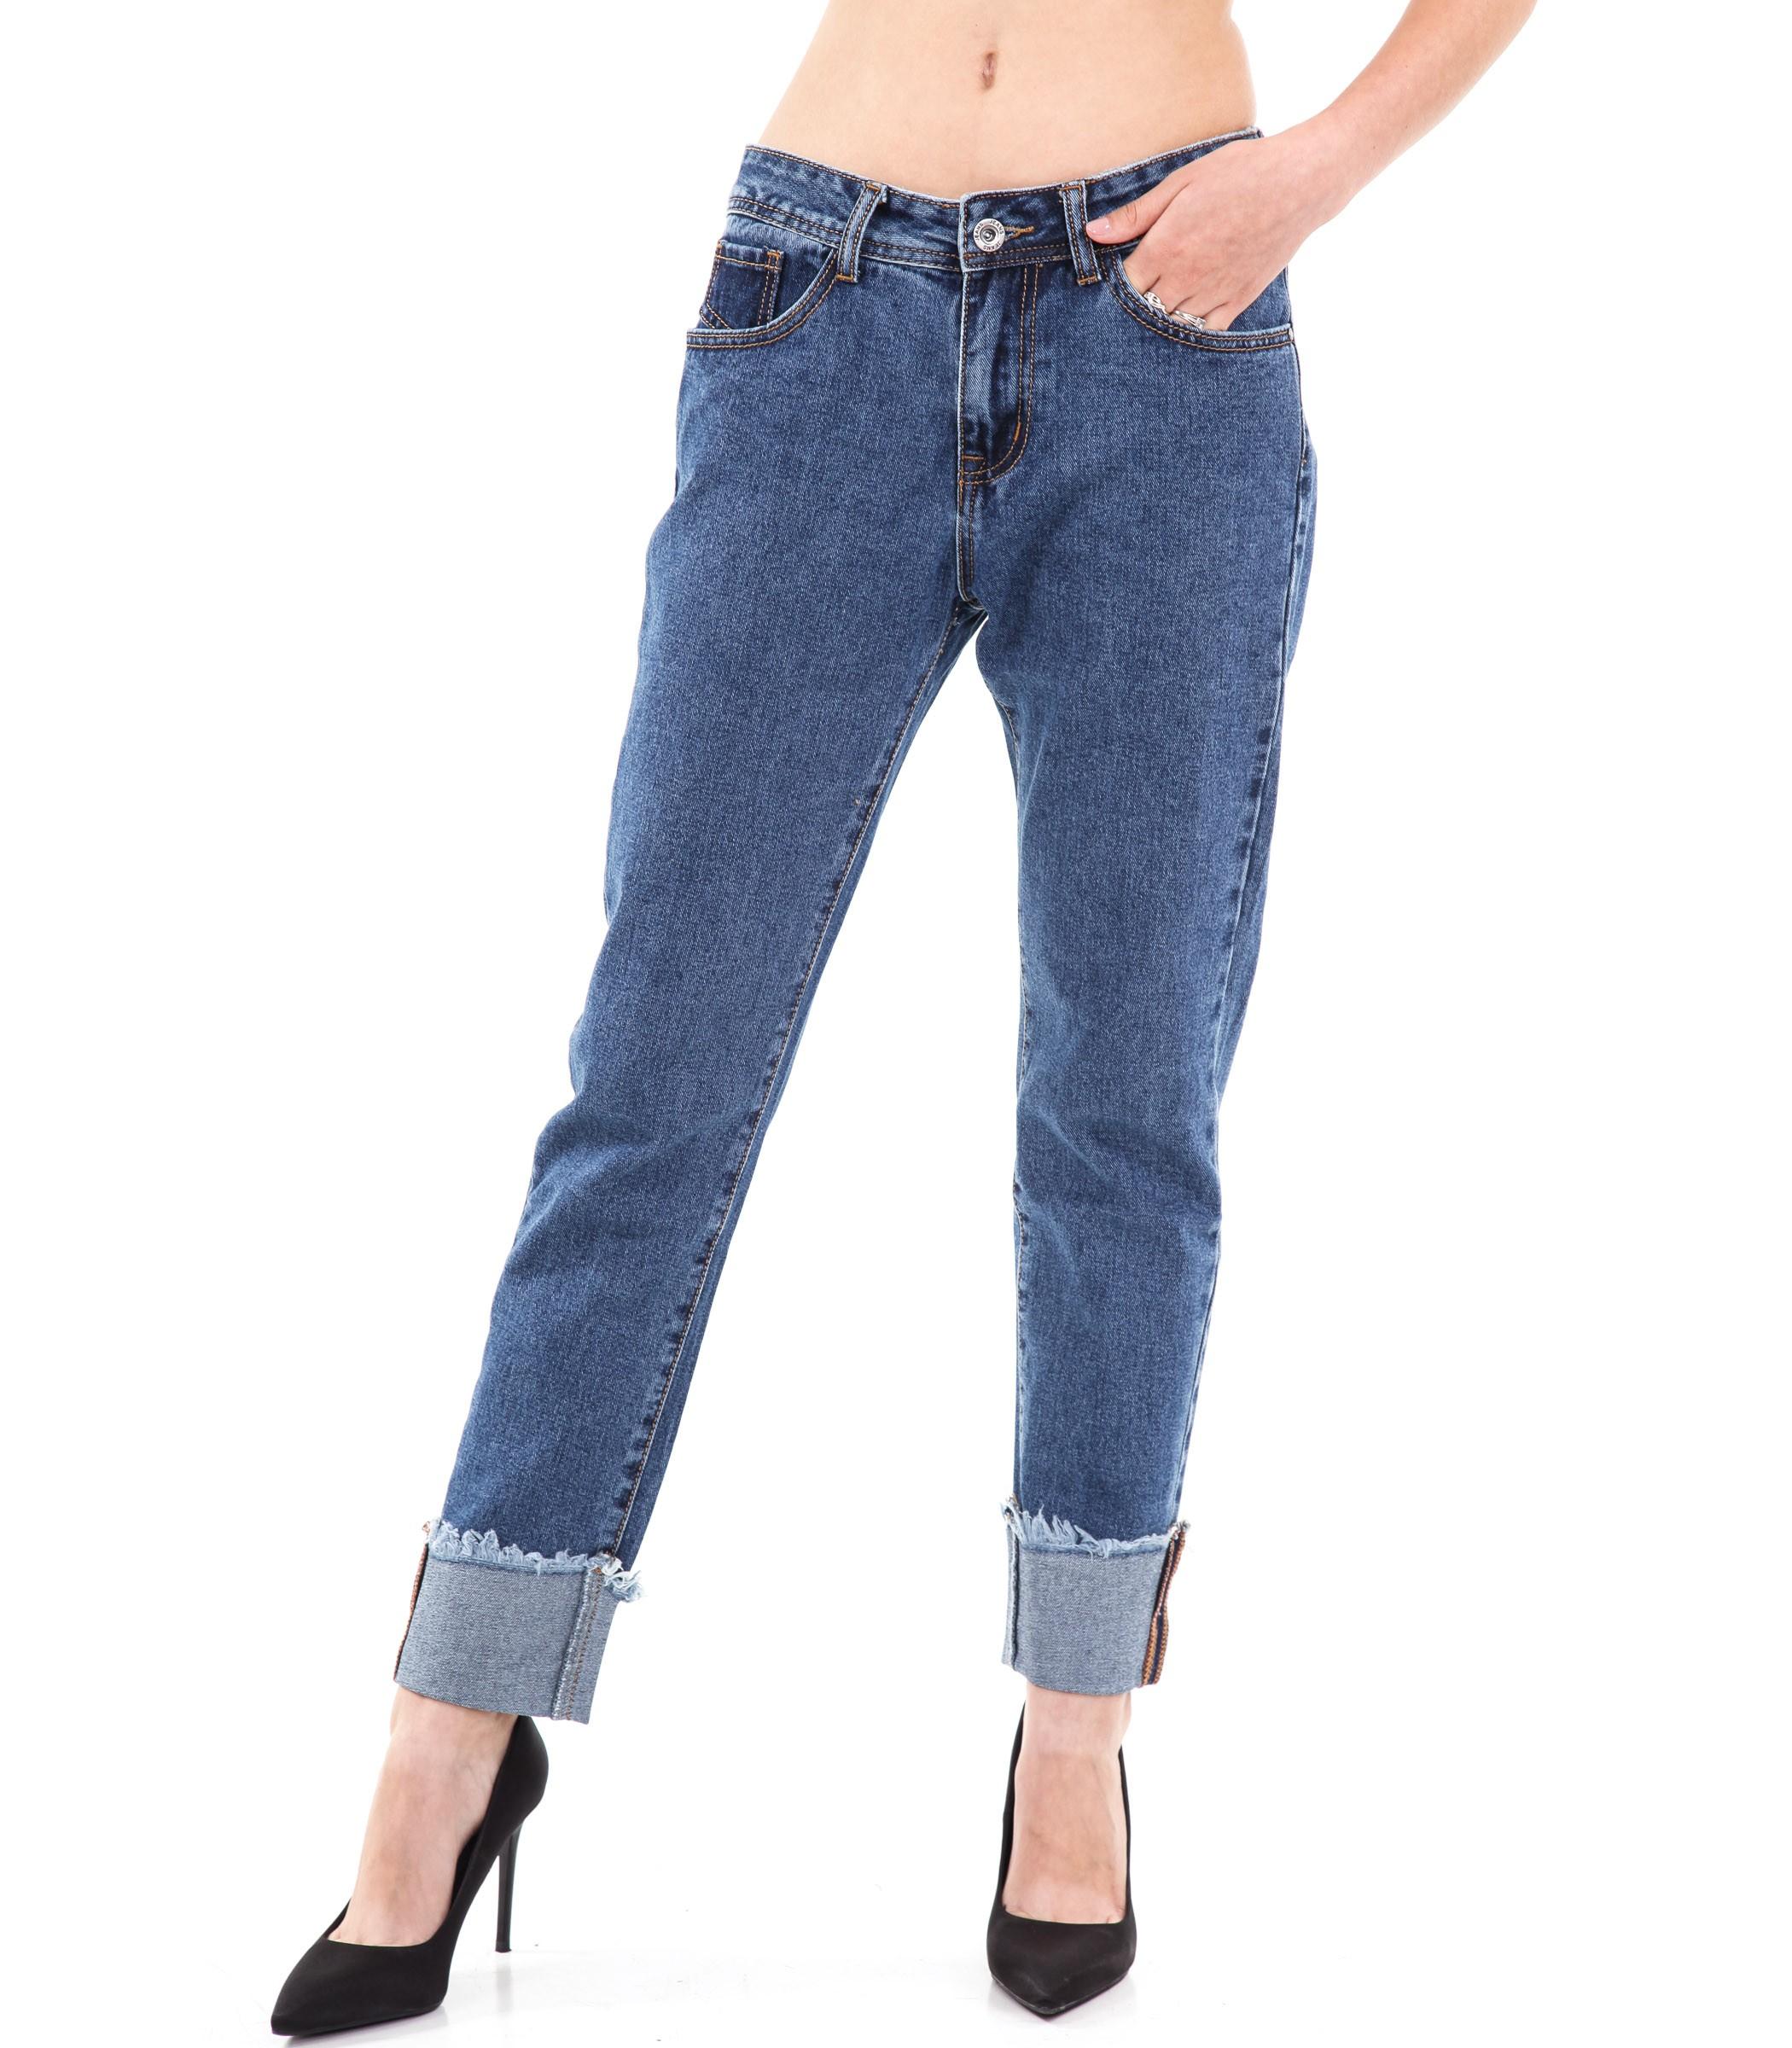 Pantaloni Slim Orlo Donna Jeans Sfilacciato Tasche Fit Da 5 Con rqTraRn